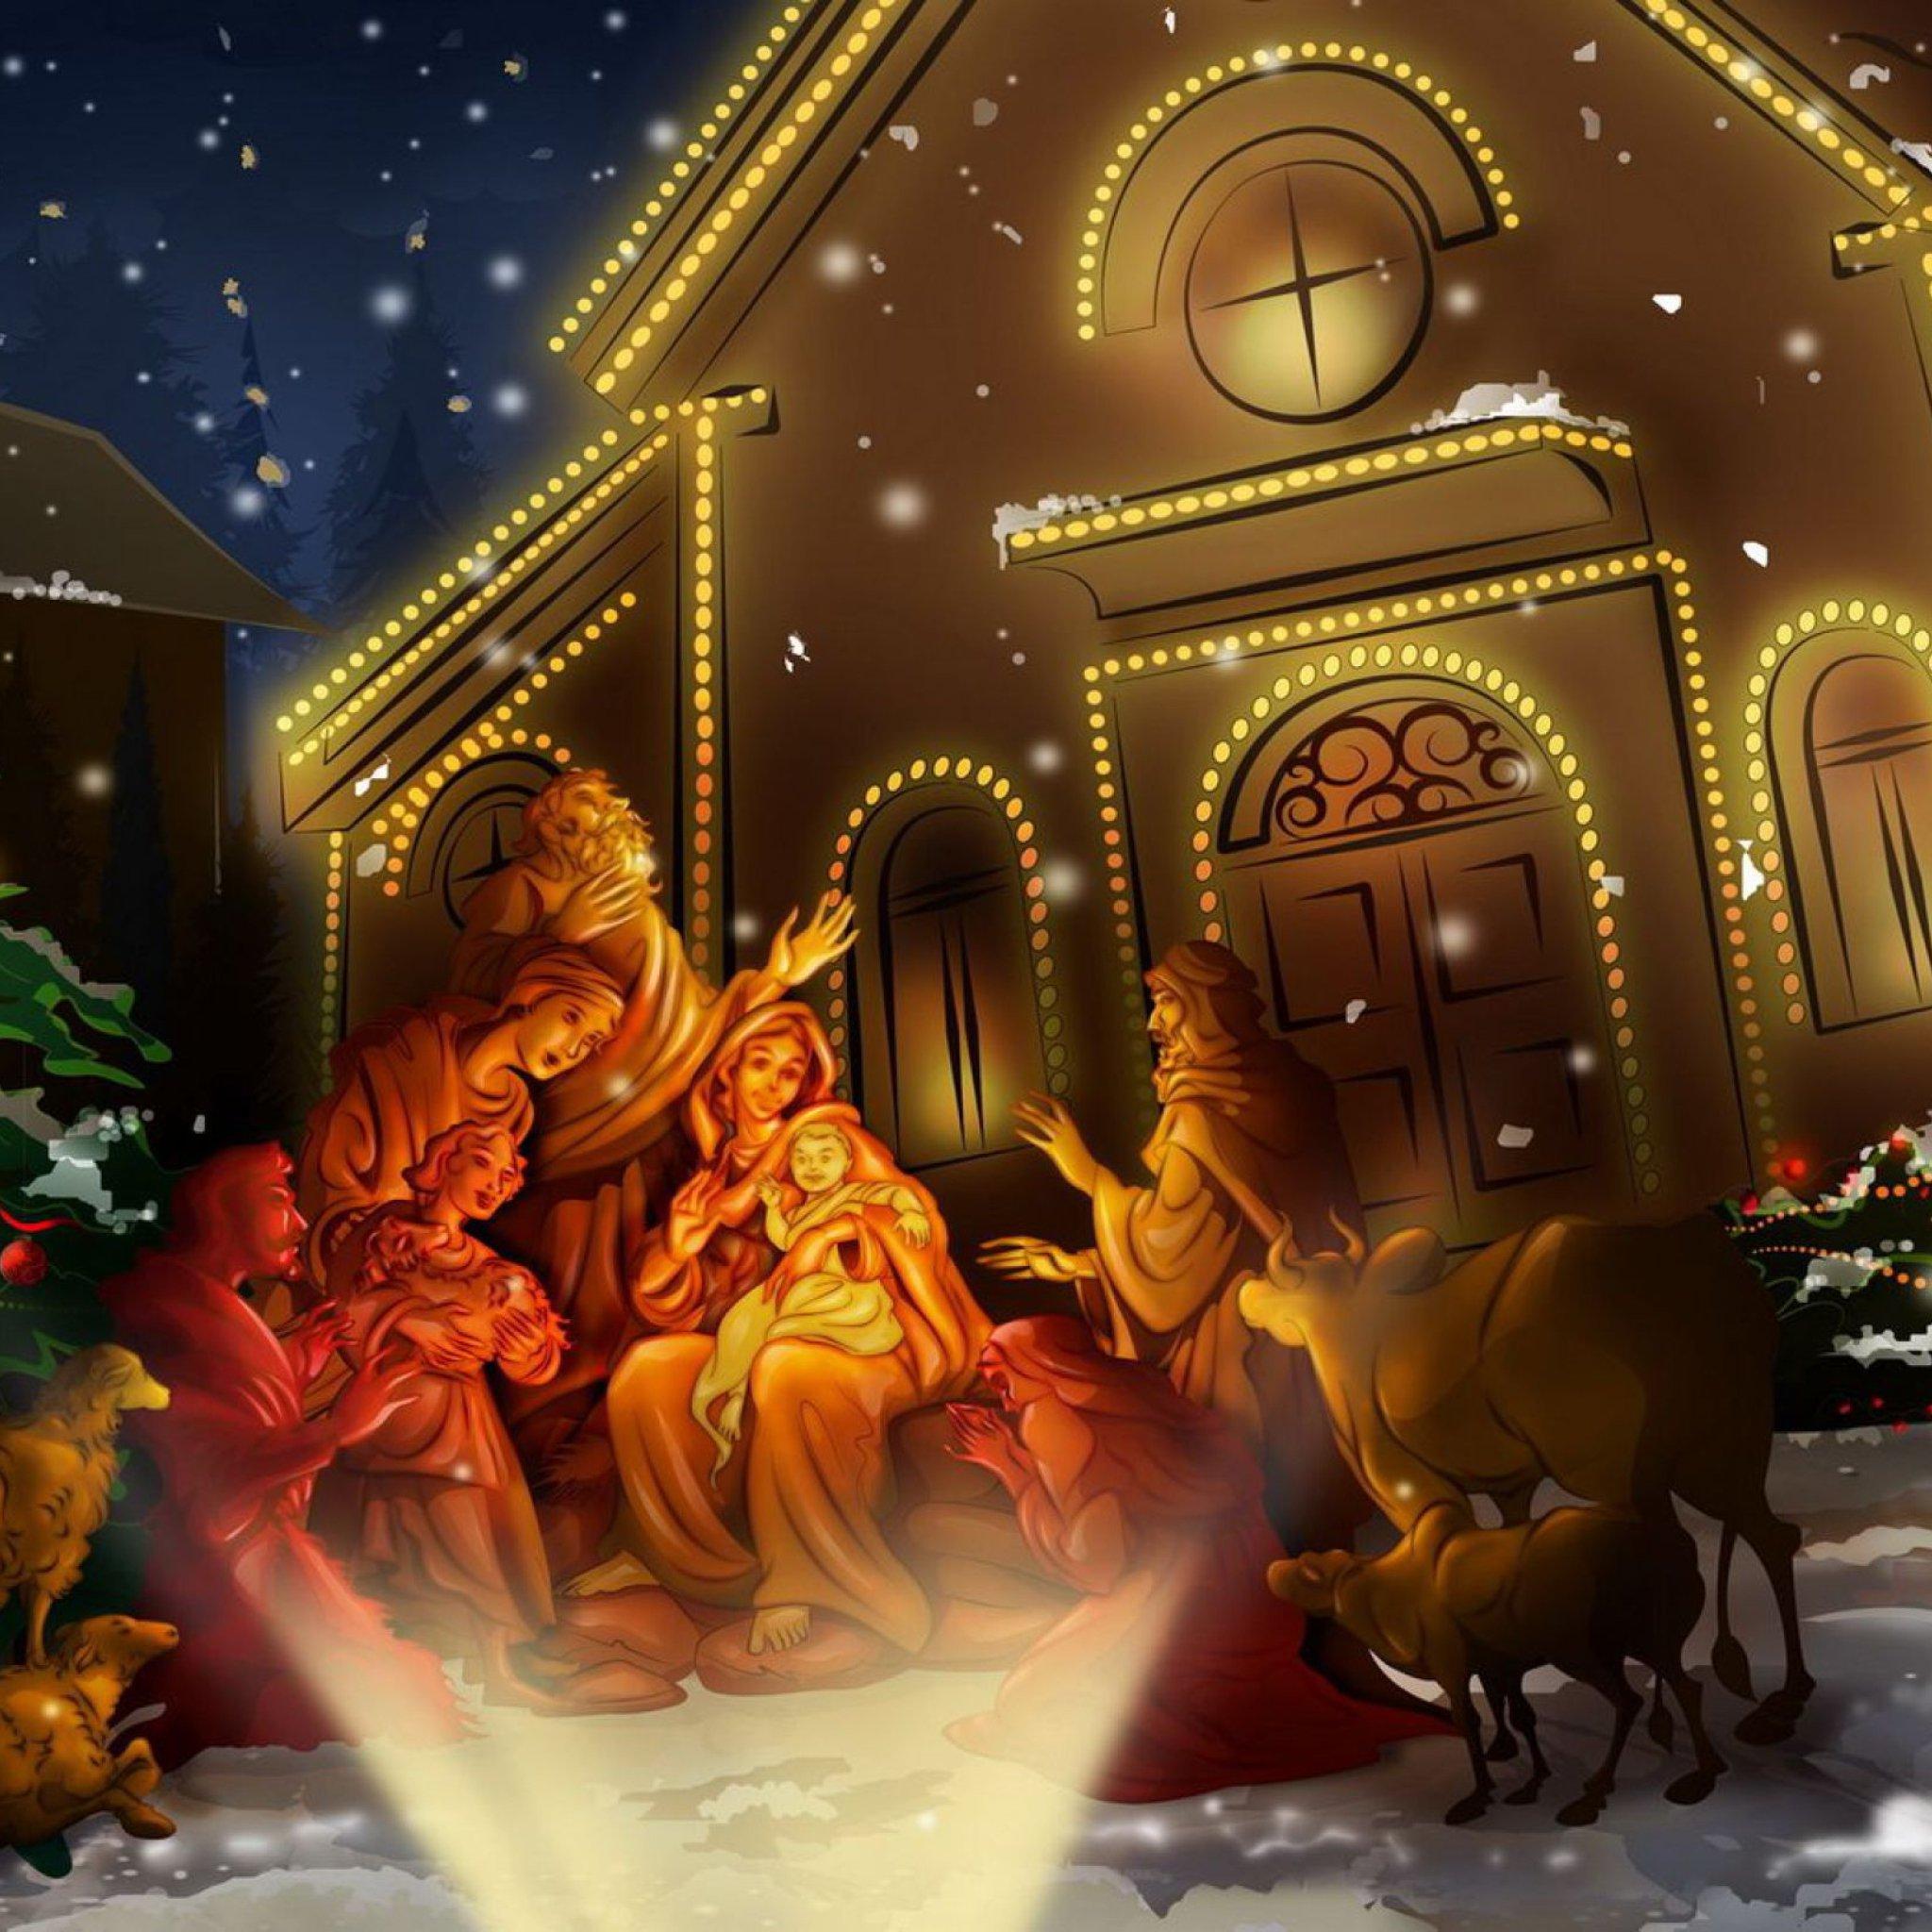 Поздравление с рождеством картинка на английском, открытки масленица